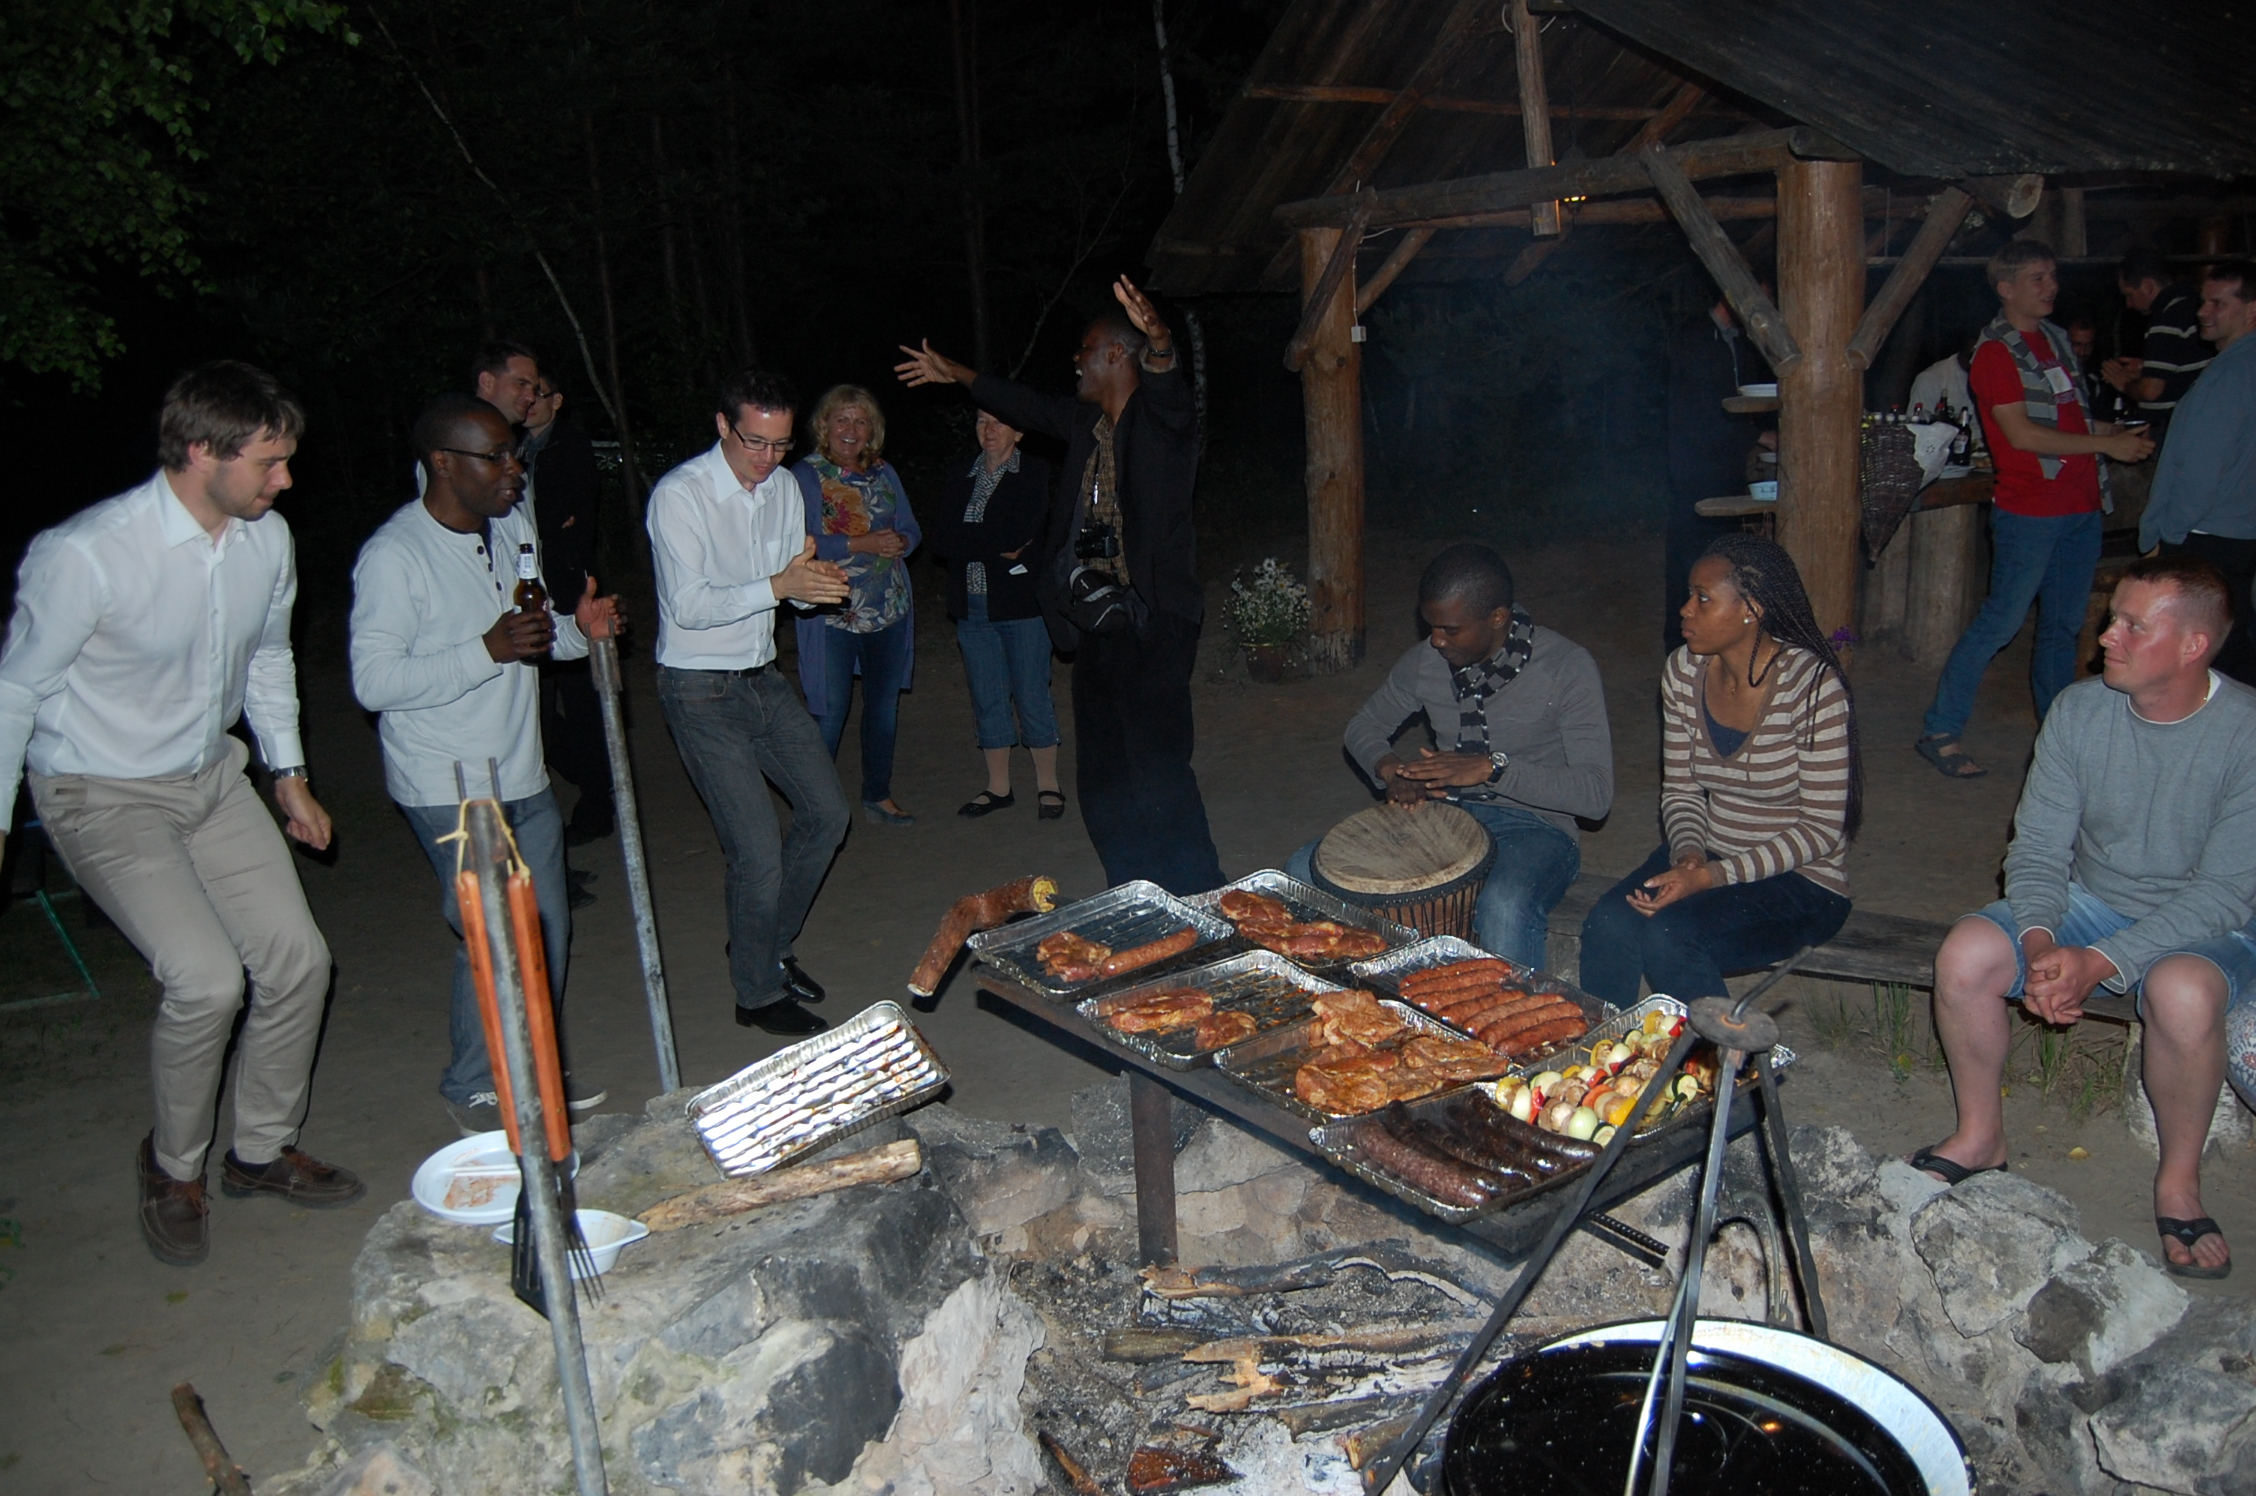 Impreza integracyjna pod wiatą w agroturystyce Grynwald